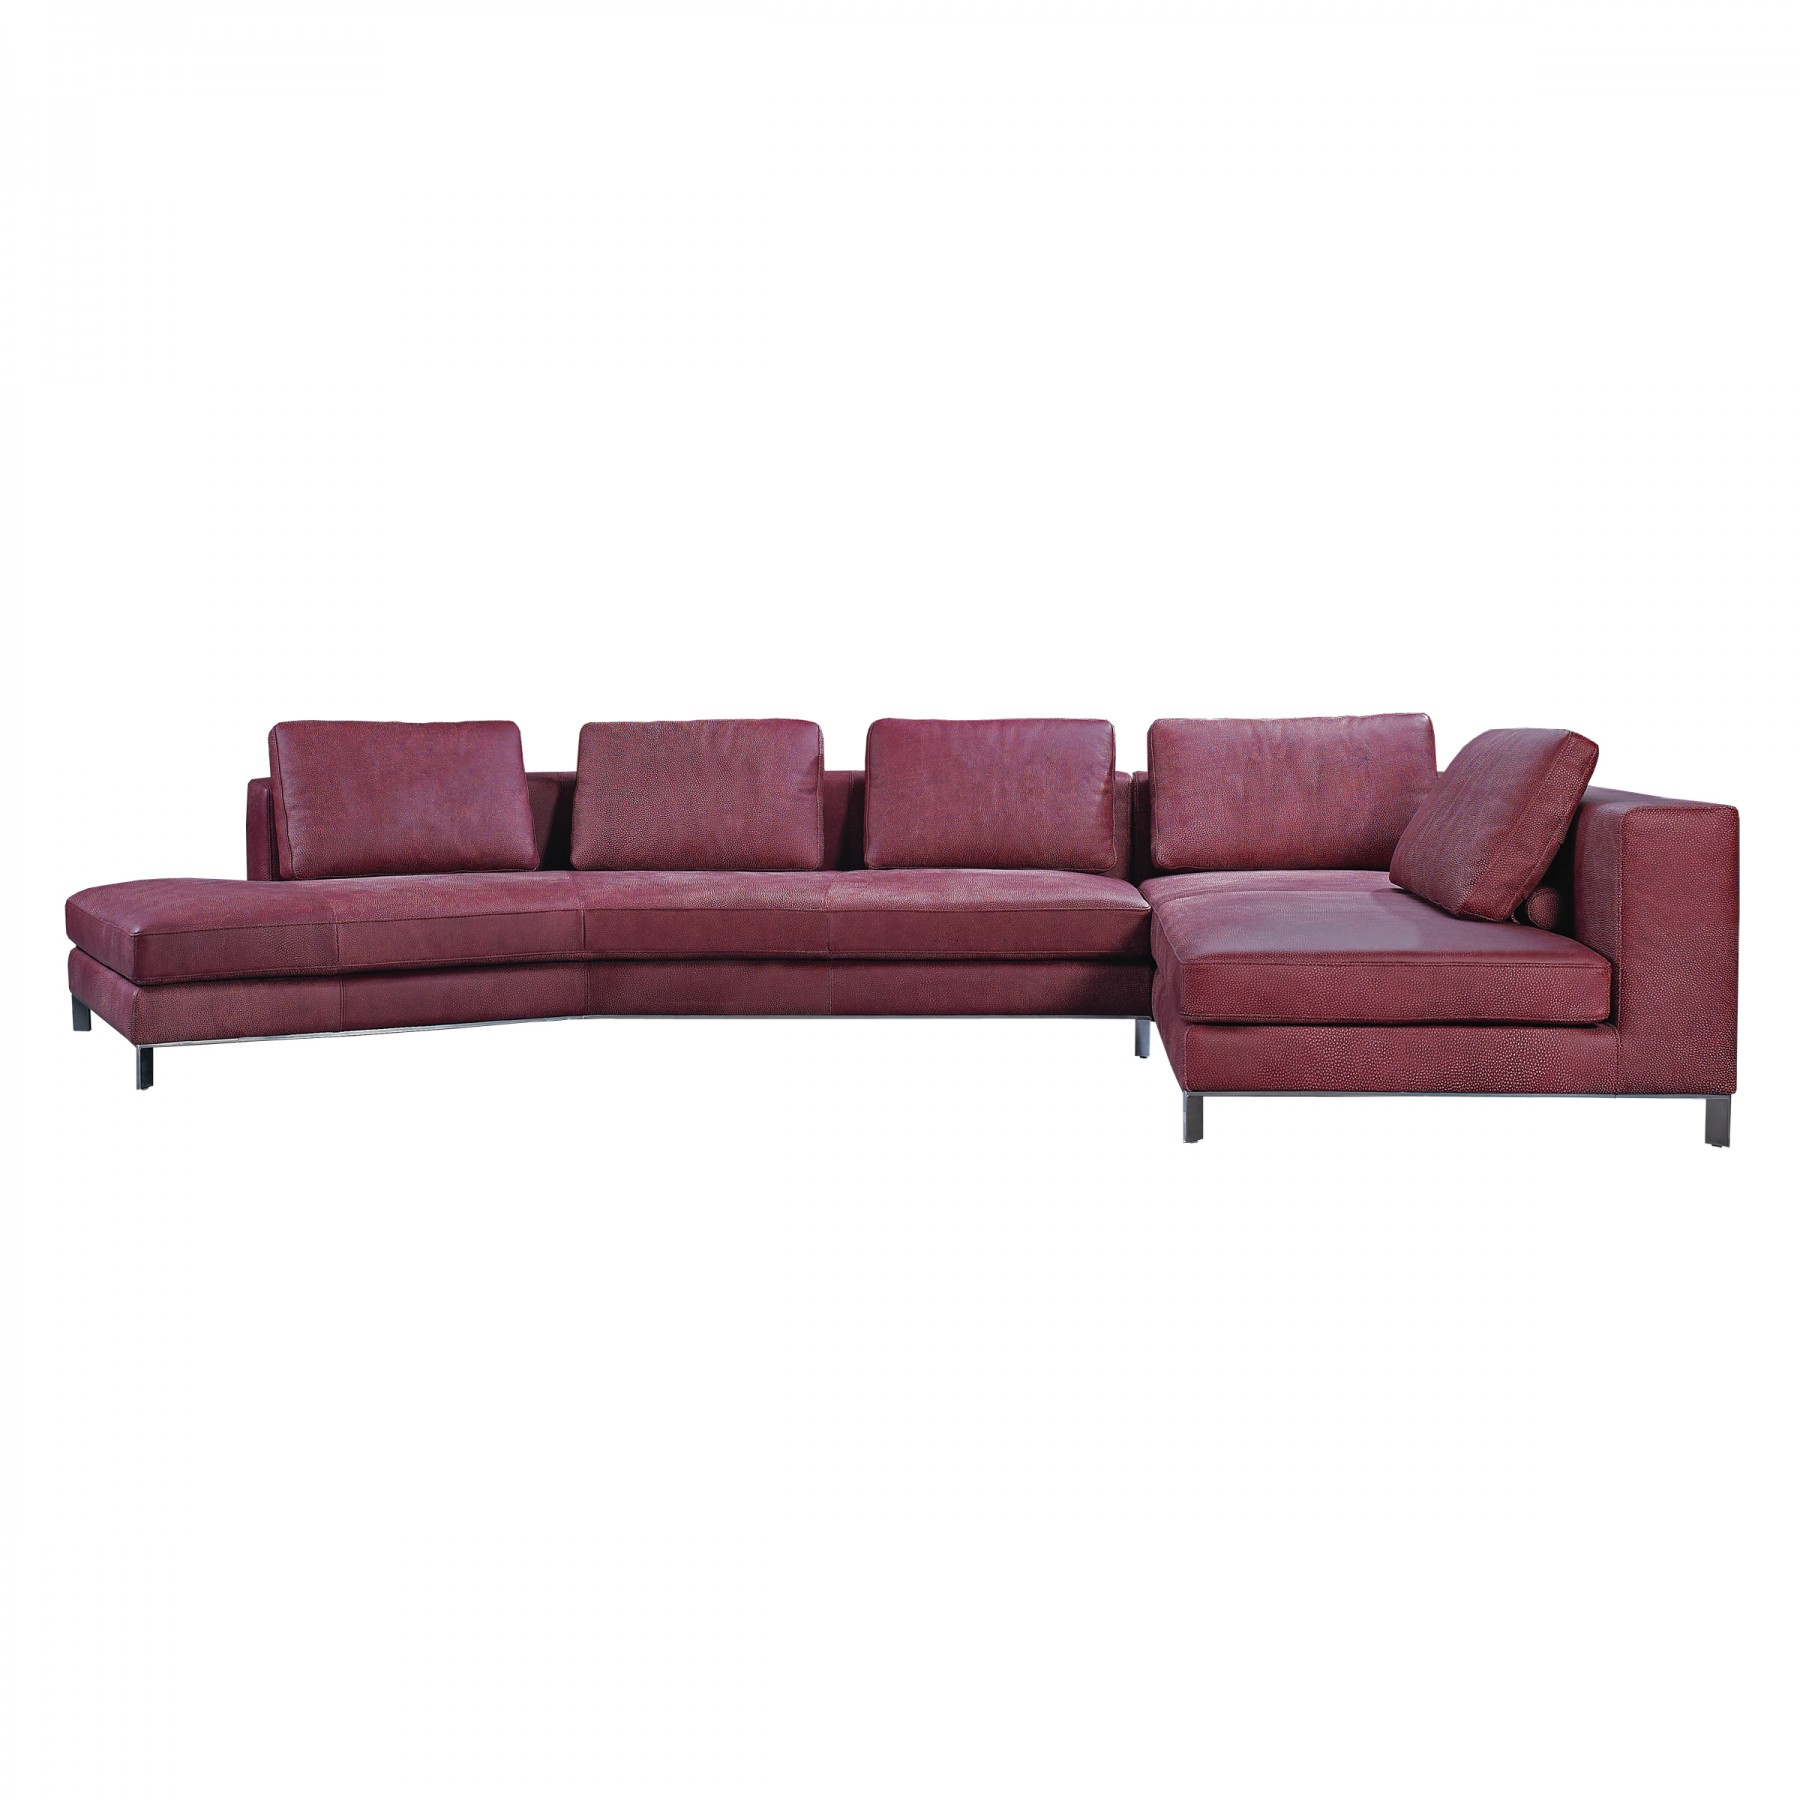 Liberta angled corner sofa beyond furniture for Angled chaise lounge sofa